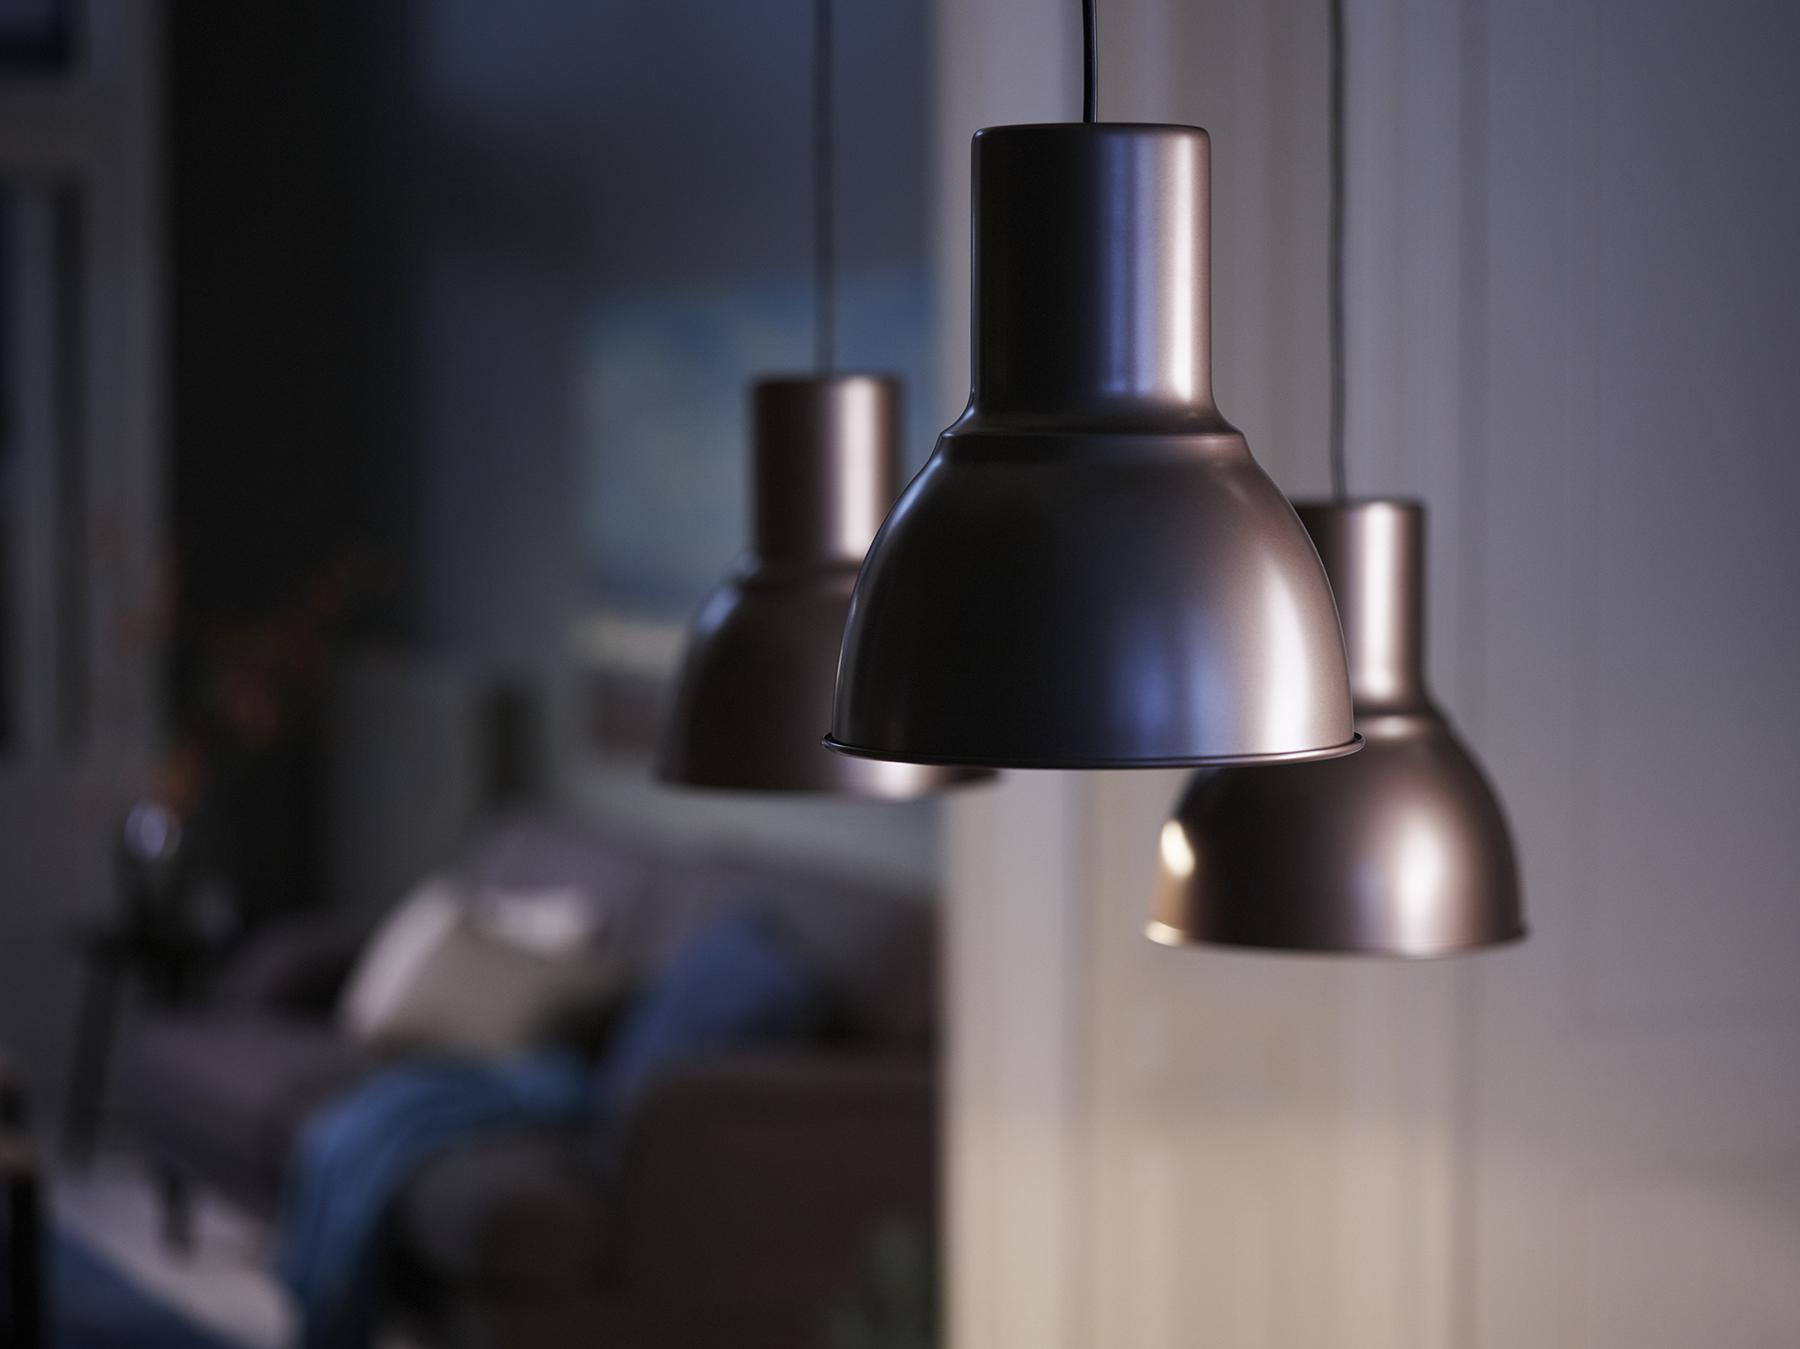 Hektar hanglamp ikea ikeanl lamp brons verlichting led